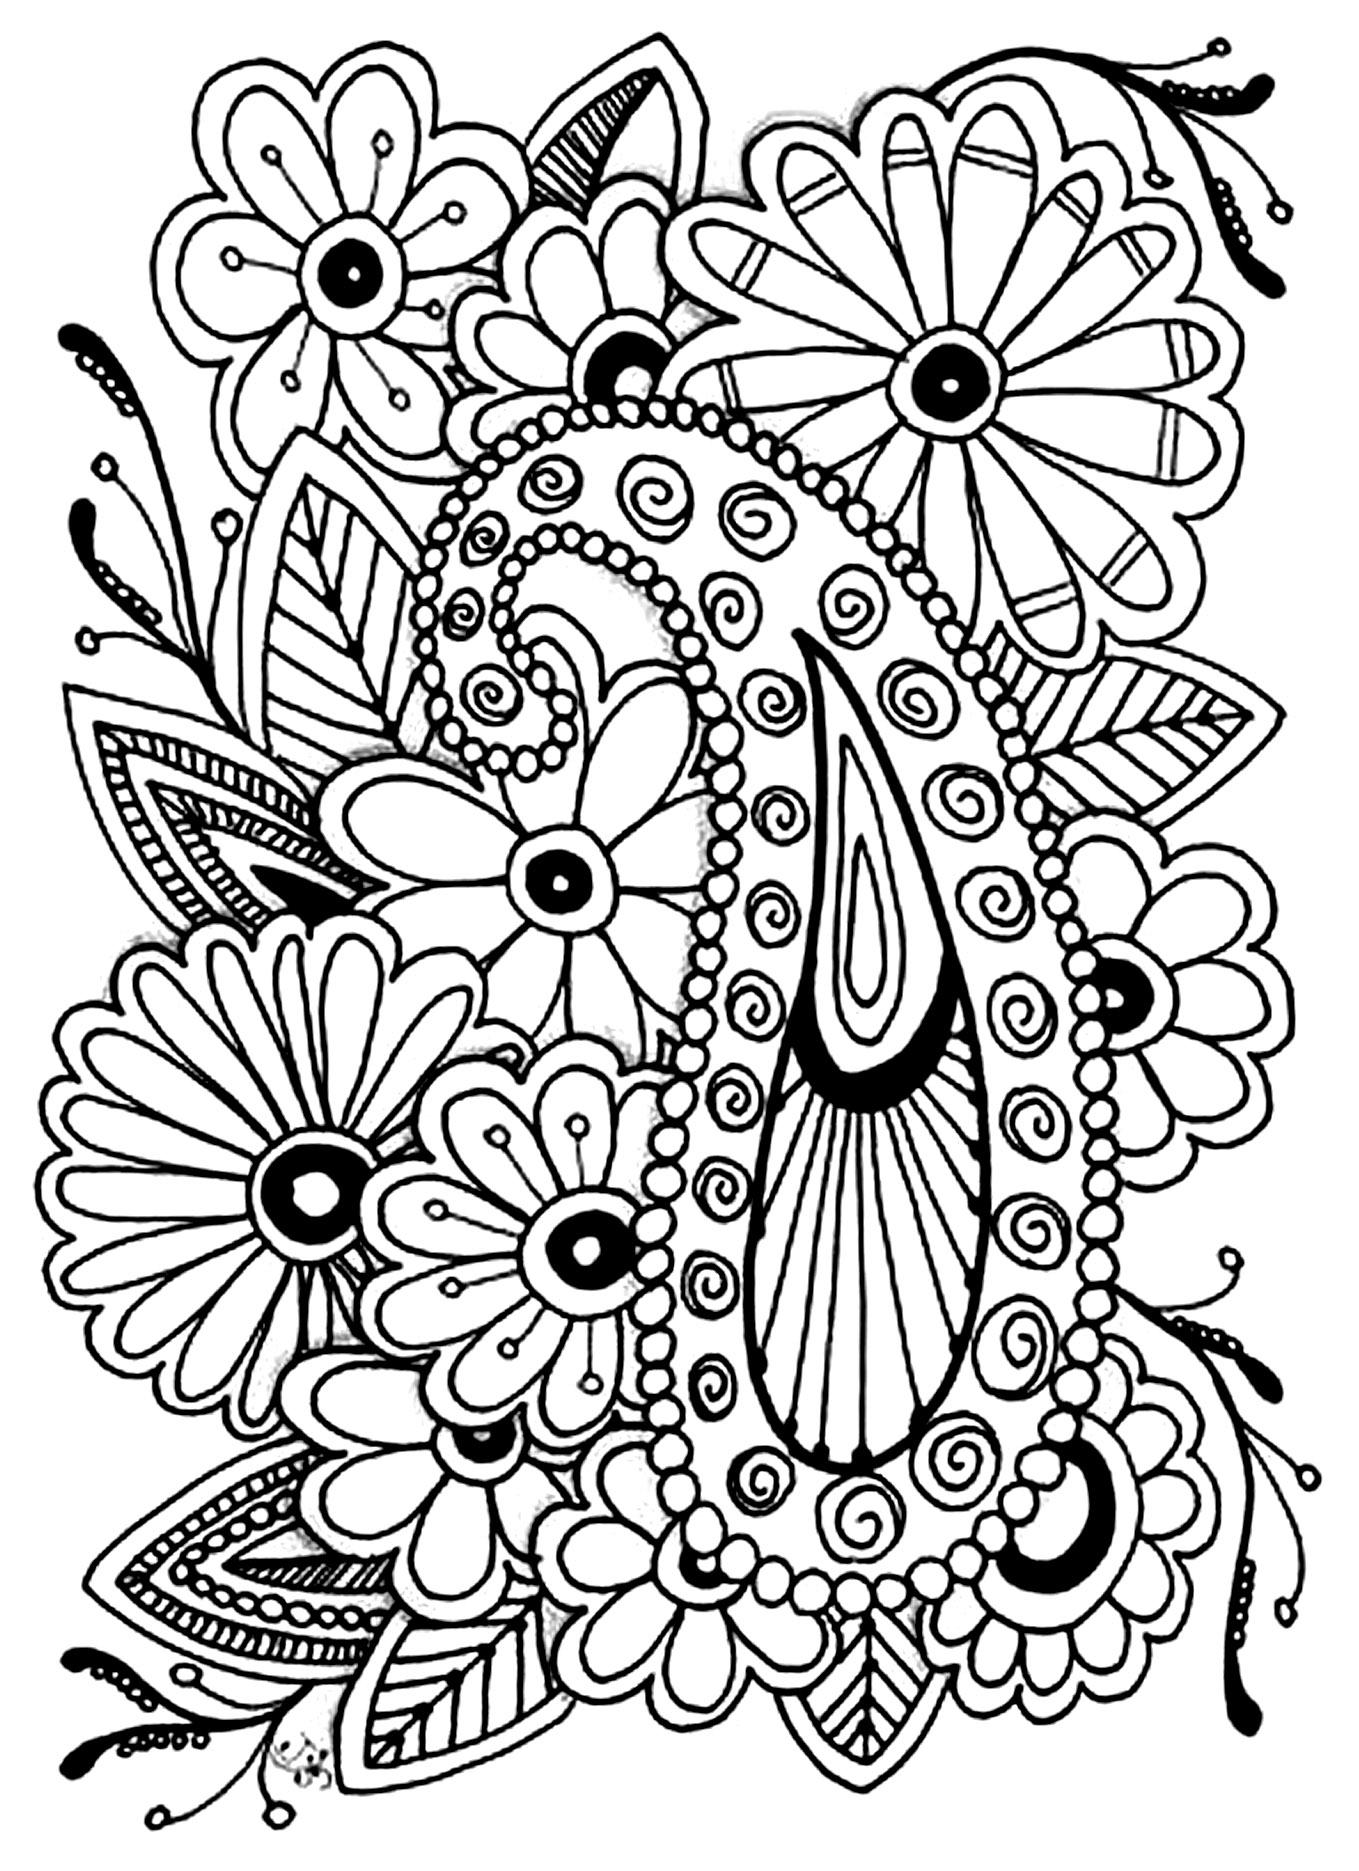 Colorear para adultos : Flores y vegetación - 24